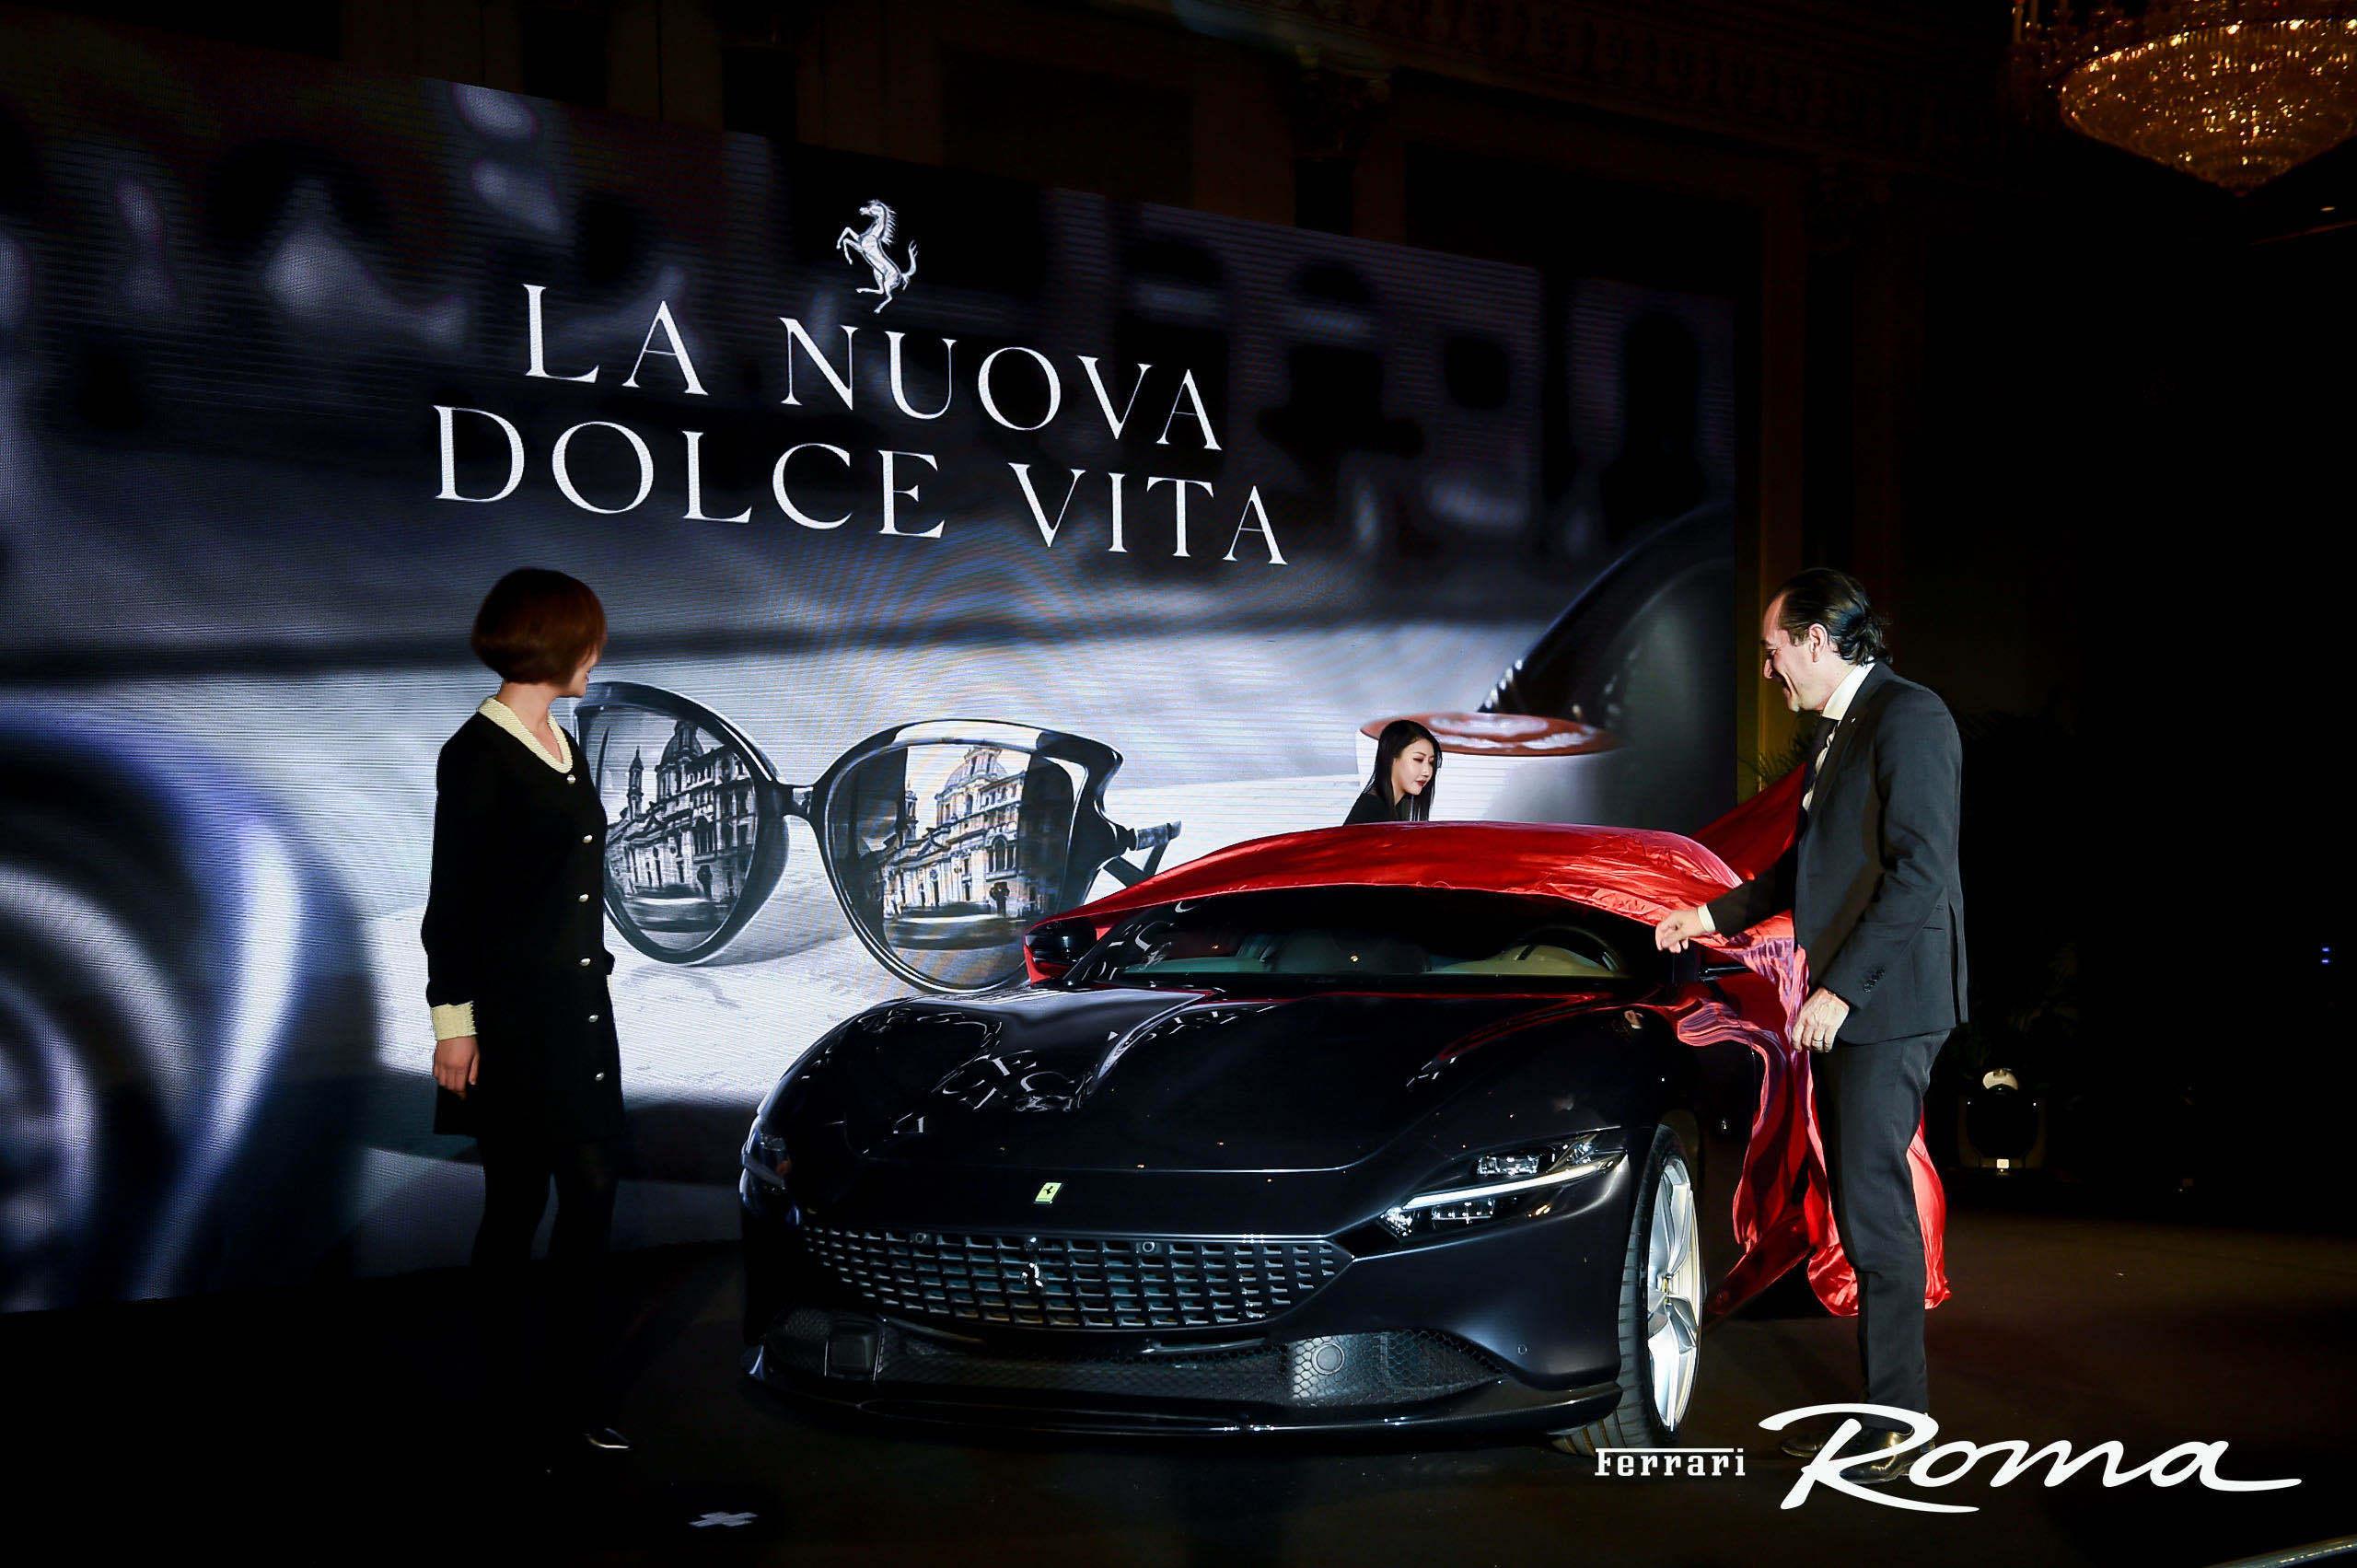 """法拉利罗马展示意大利奢华的""""甜蜜生活"""""""